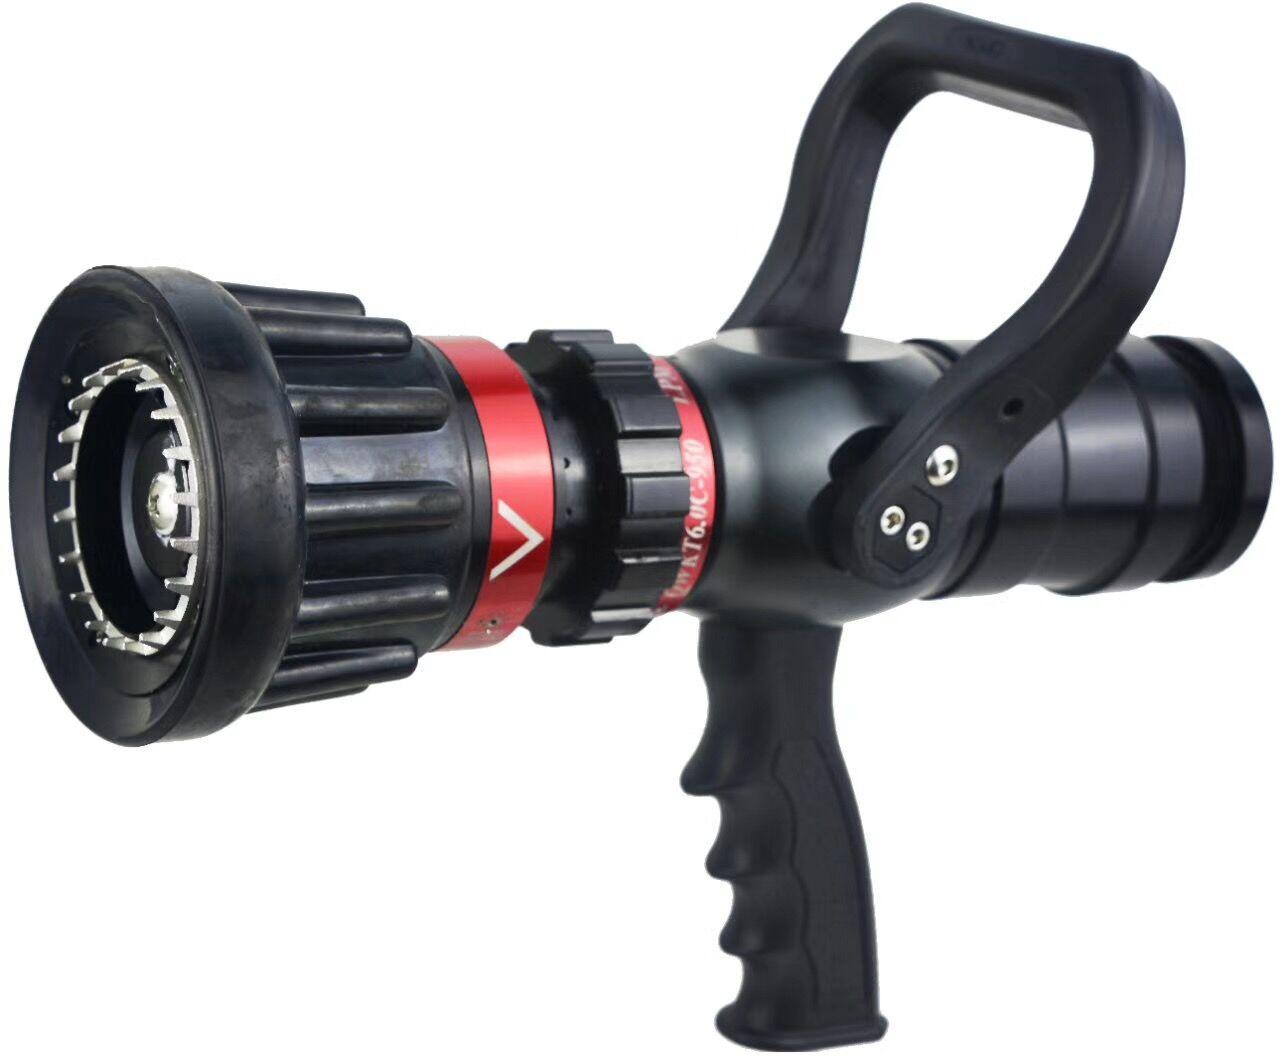 Pistol Grip Adjust Flow Nozzle